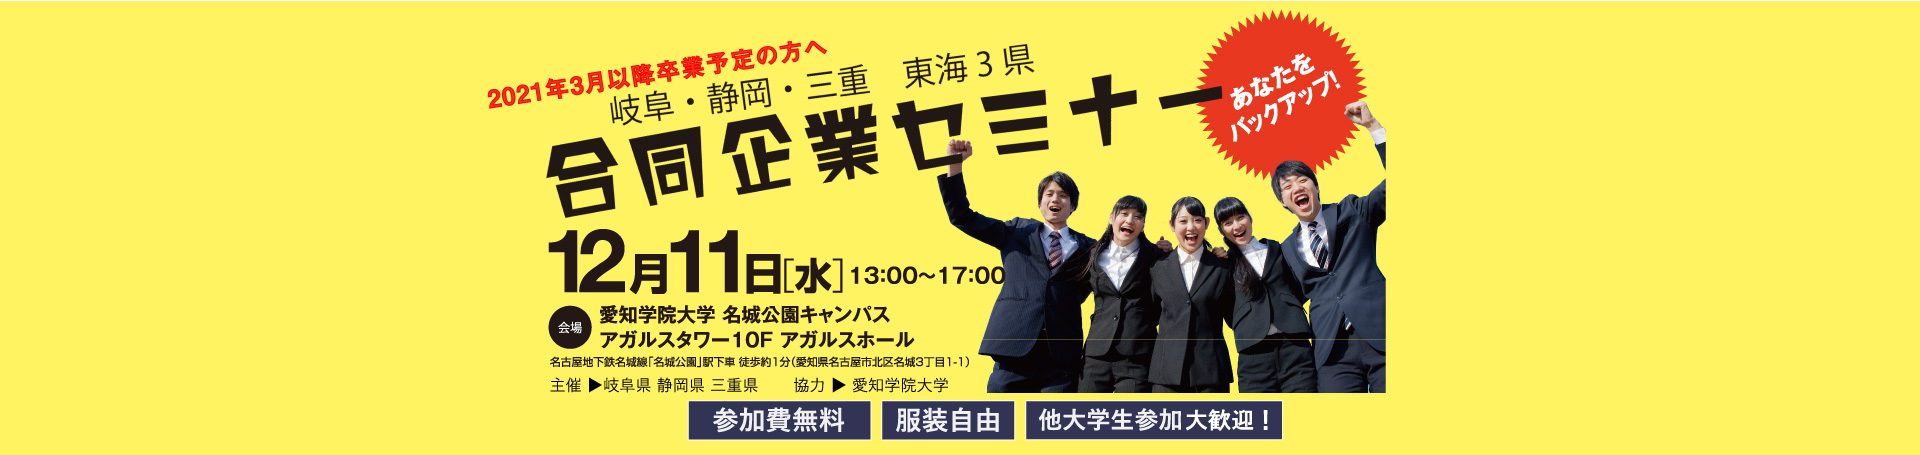 2021年3月以降卒業予定の方へ、岐阜・静岡・三重 東海3県合同企業セミナー